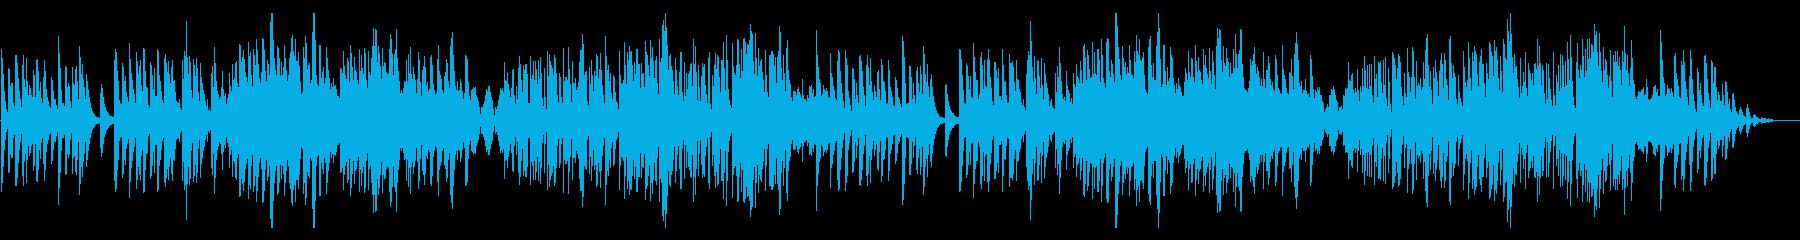 旋律とコード進行が光る静かなピアノソロ曲の再生済みの波形